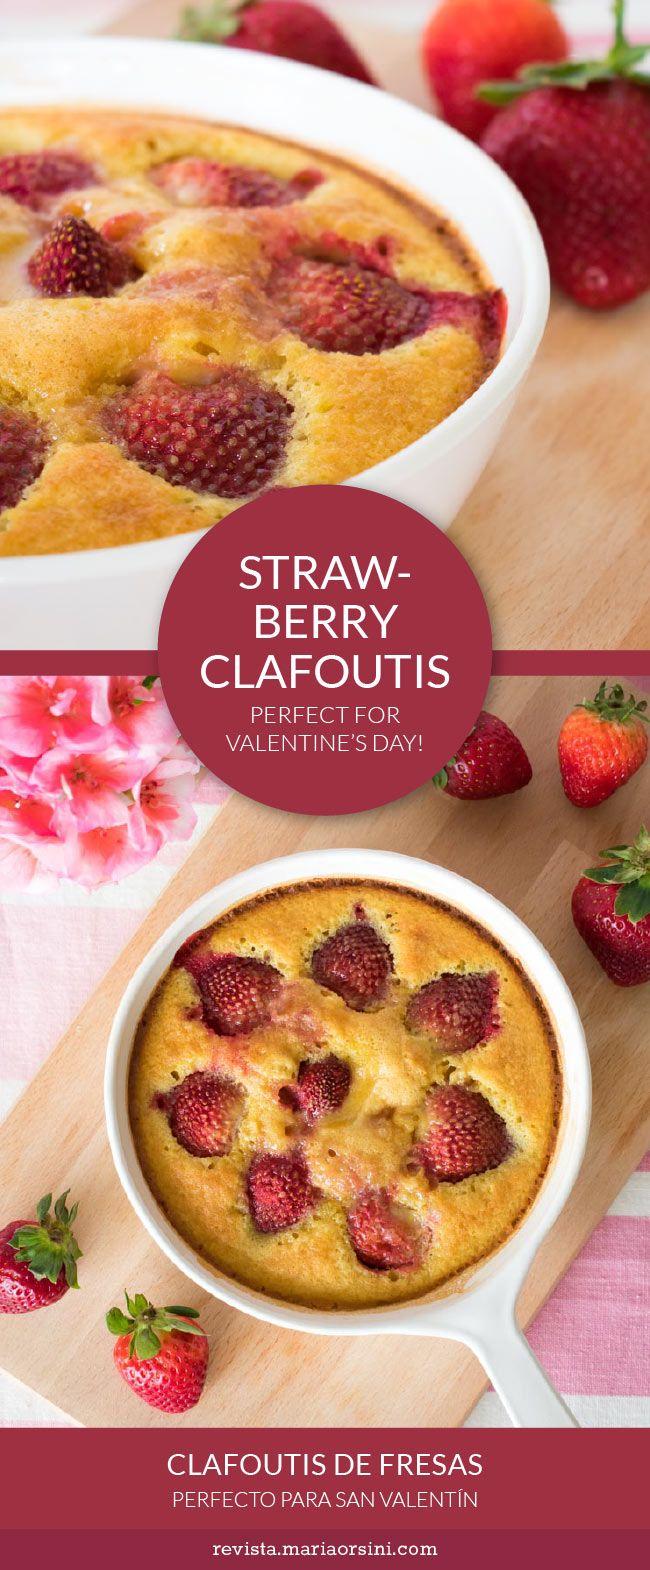 Strawberry clafoutis, a yummy, quick easy french dessert perfect for Valentine's day! - Clafoutis de fresas, un postre francés fácil y delicioso, perfecto para San Valentín!